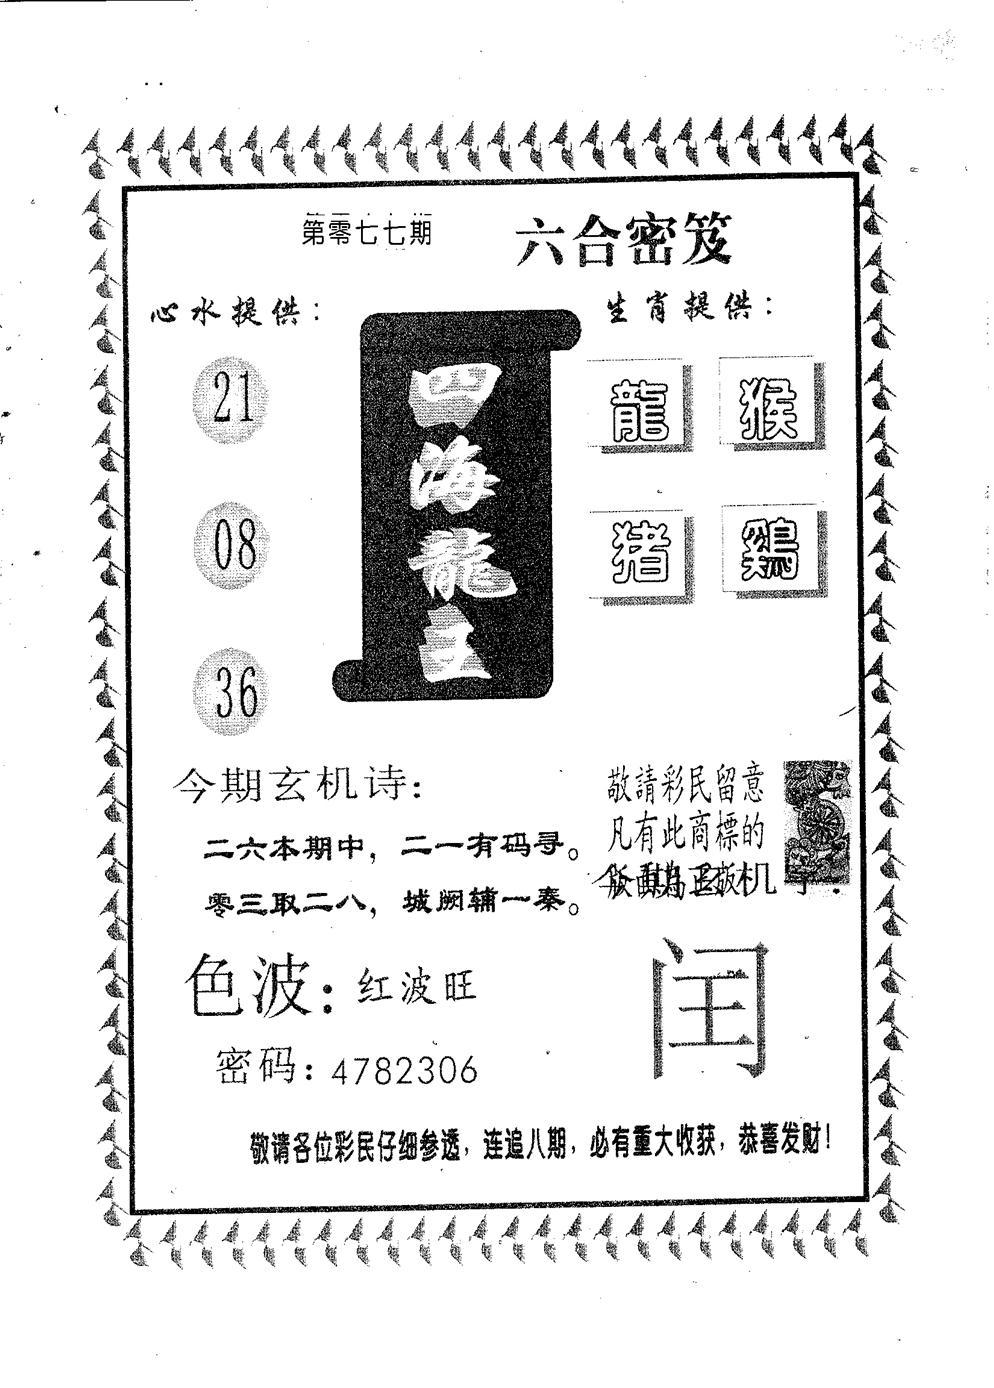 077期四海龙王(黑白)